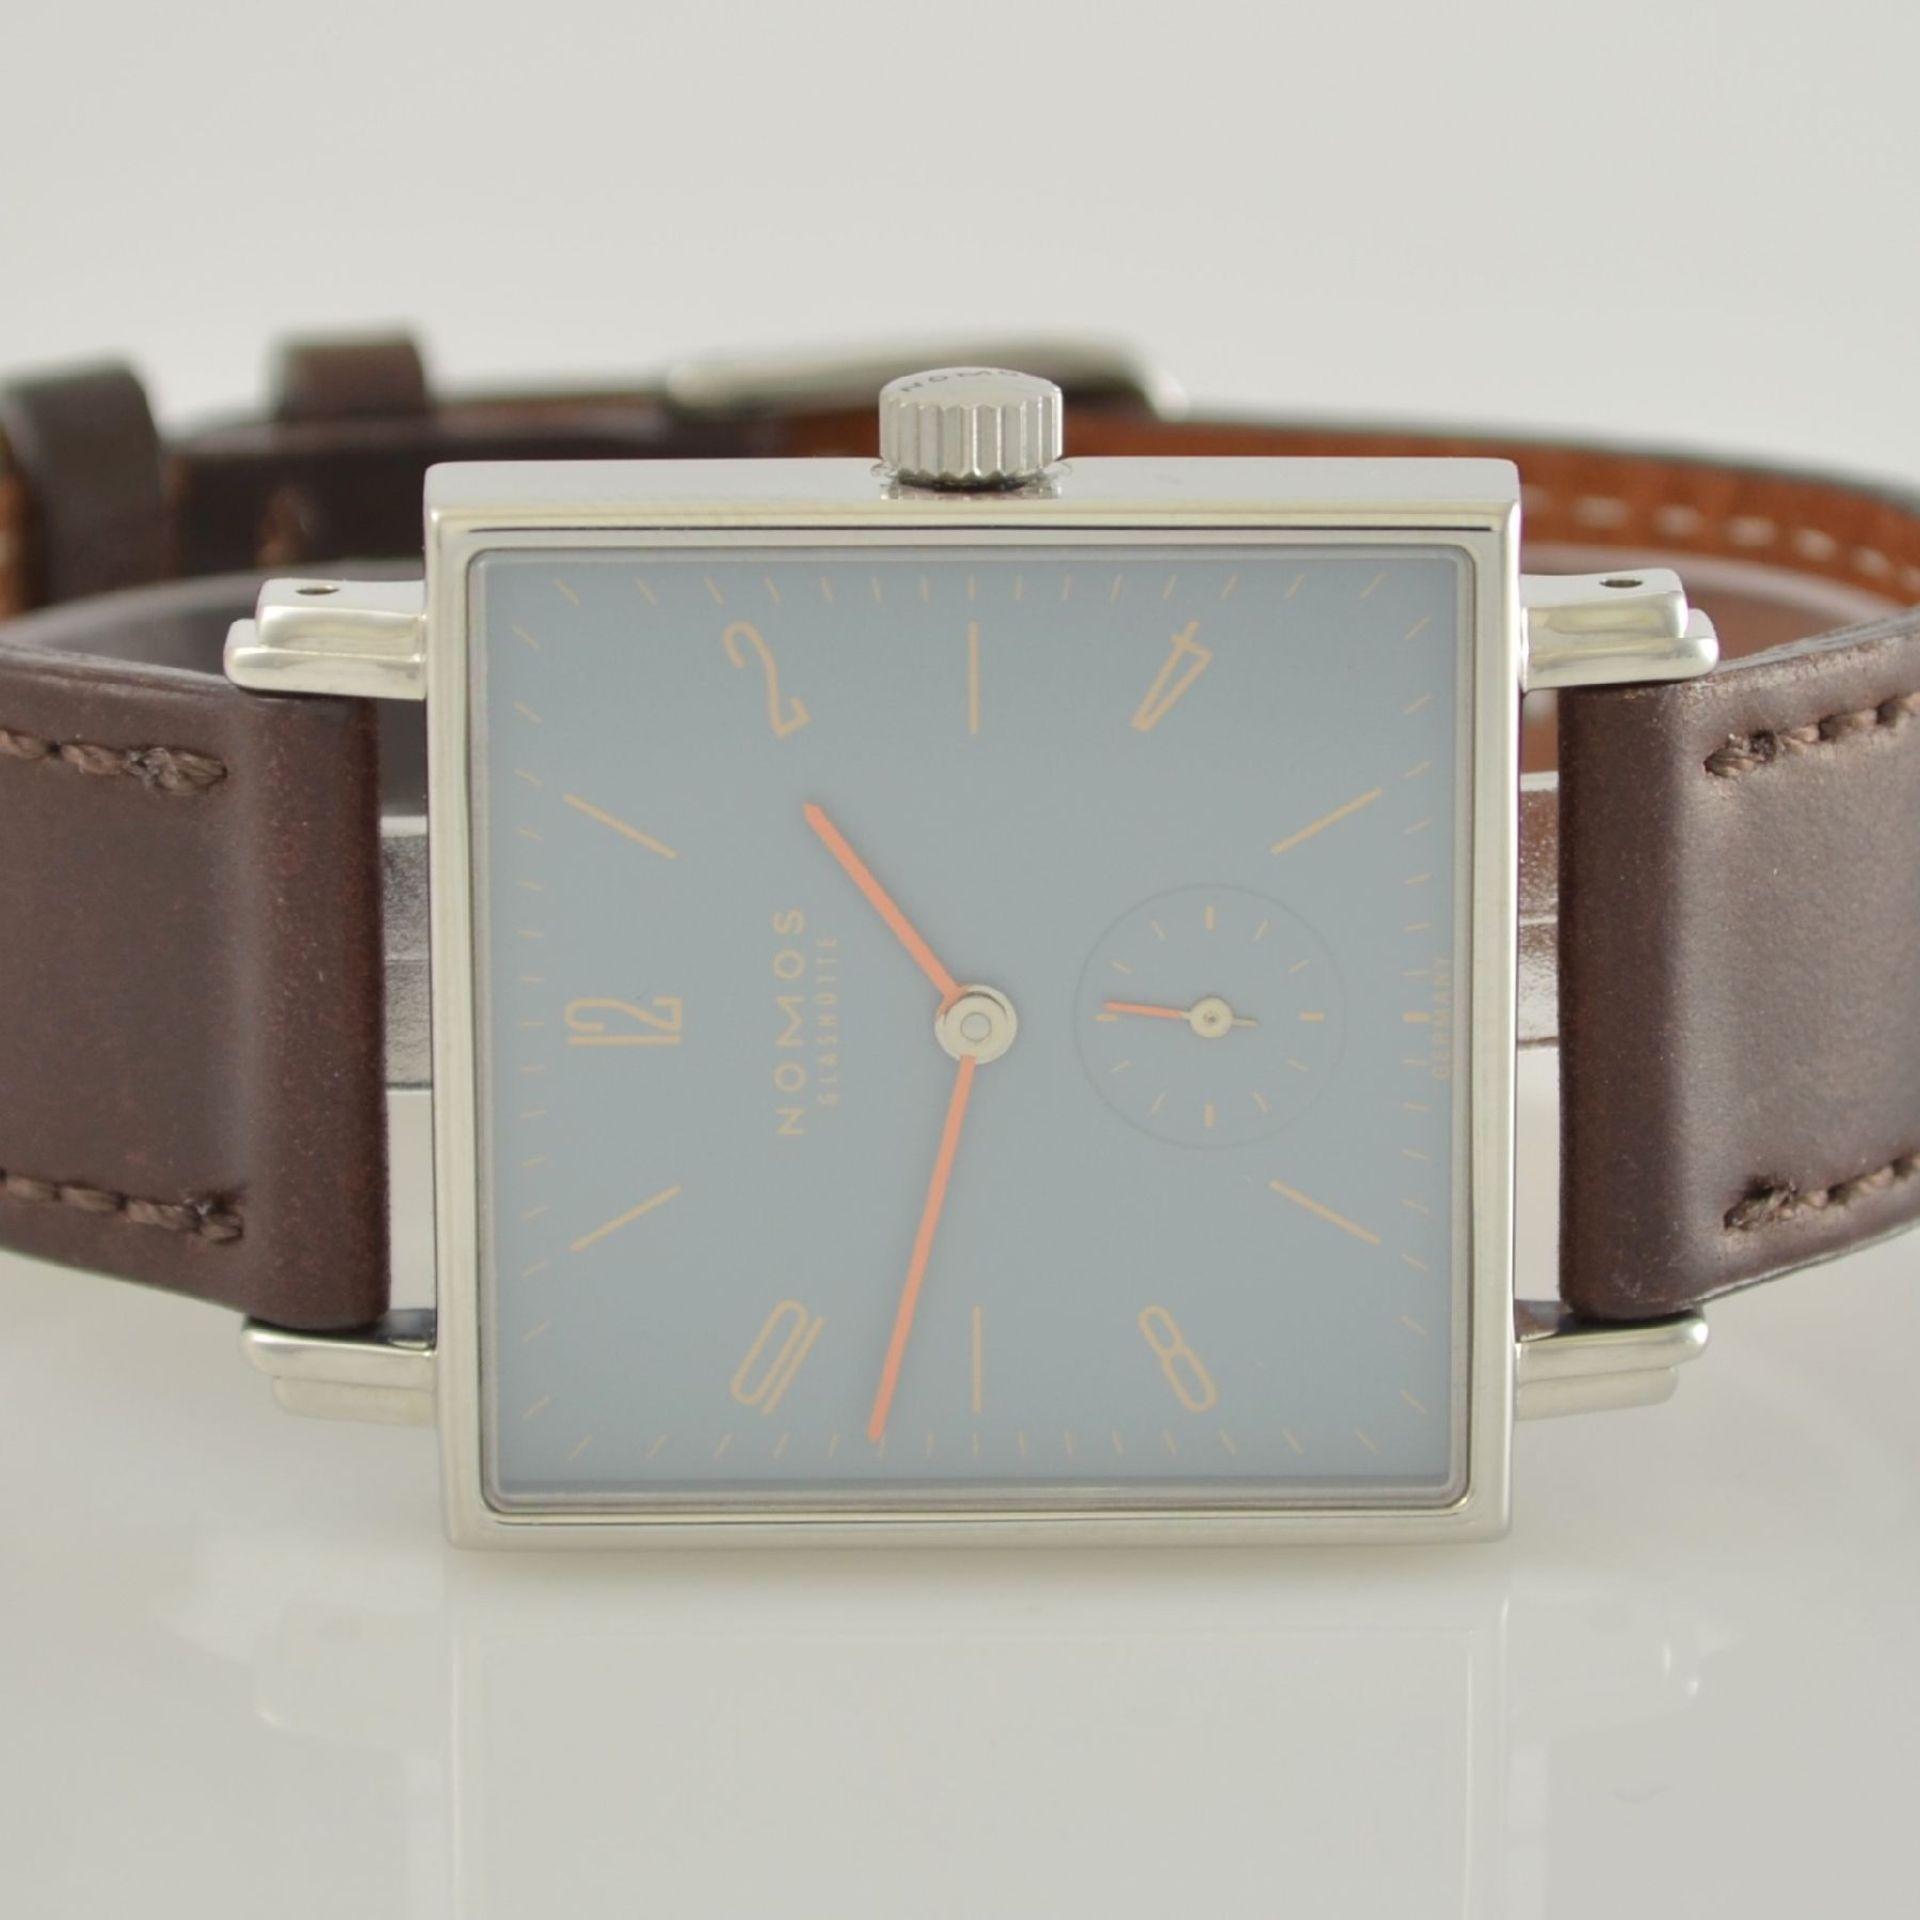 NOMOS Tetra Adonisröschen Armbanduhr in Edelstahl, Deutschland um 2010, Handaufzug, quadratisches - Bild 2 aus 6